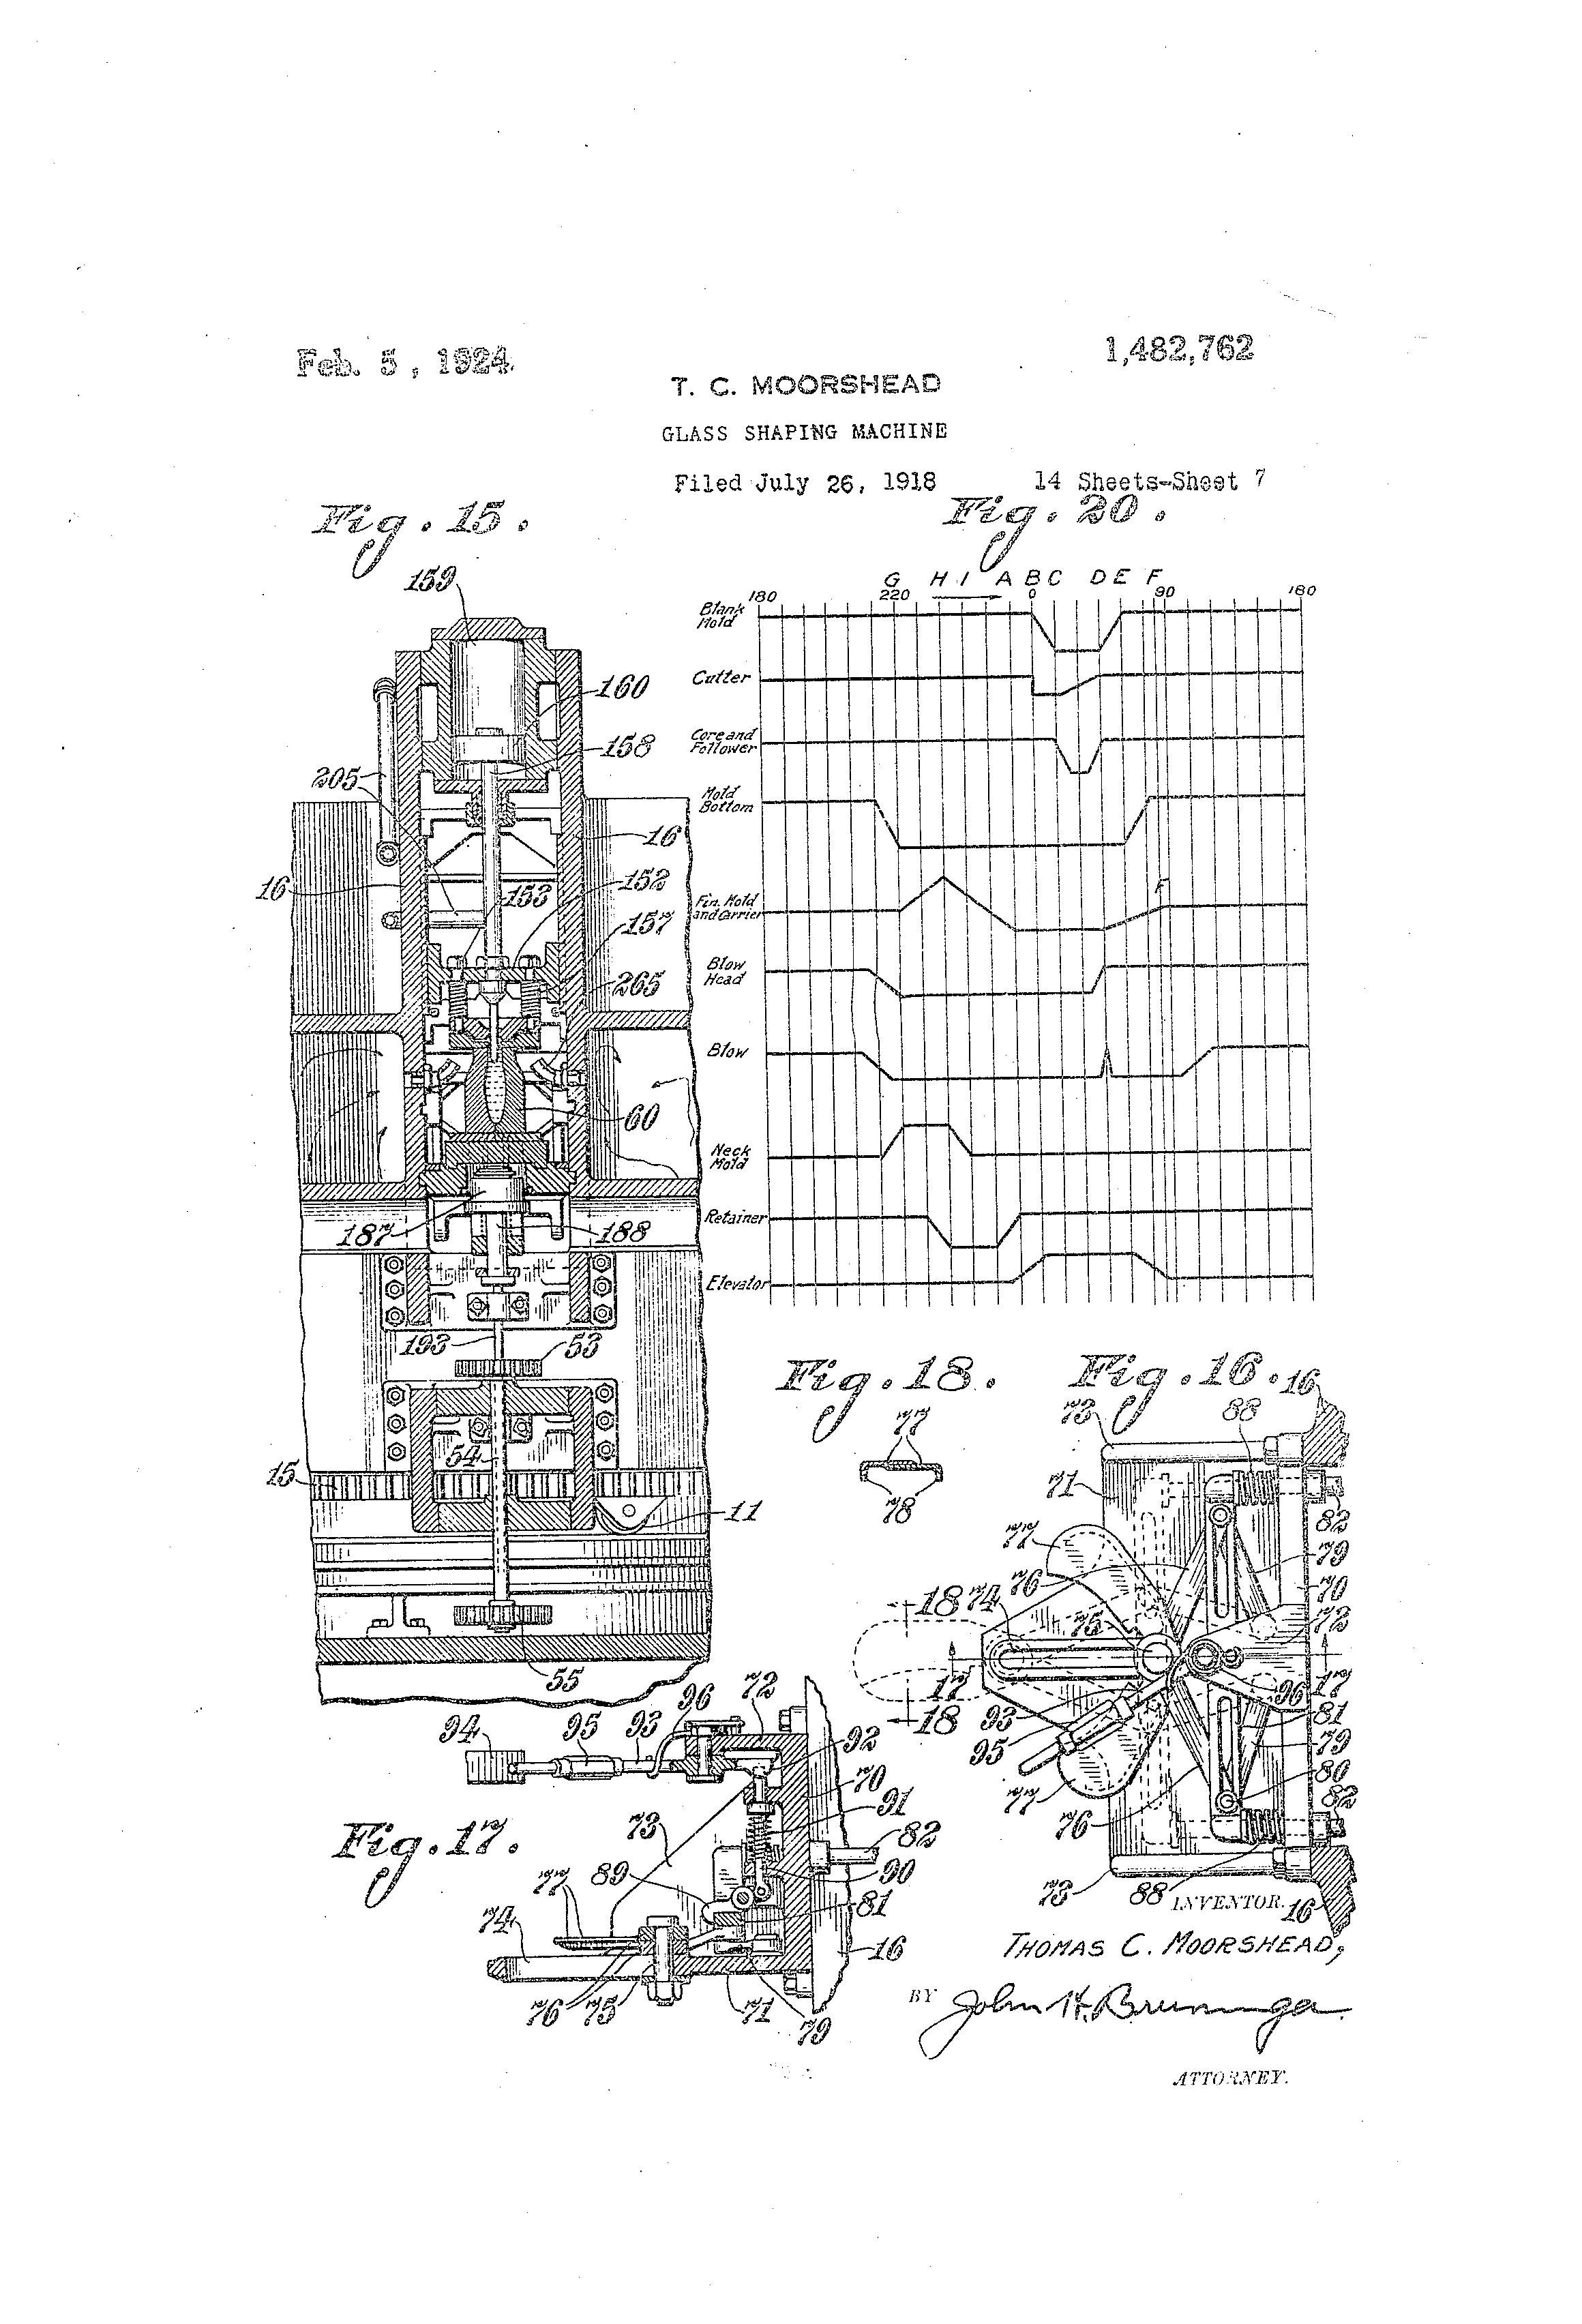 glass shaping machine